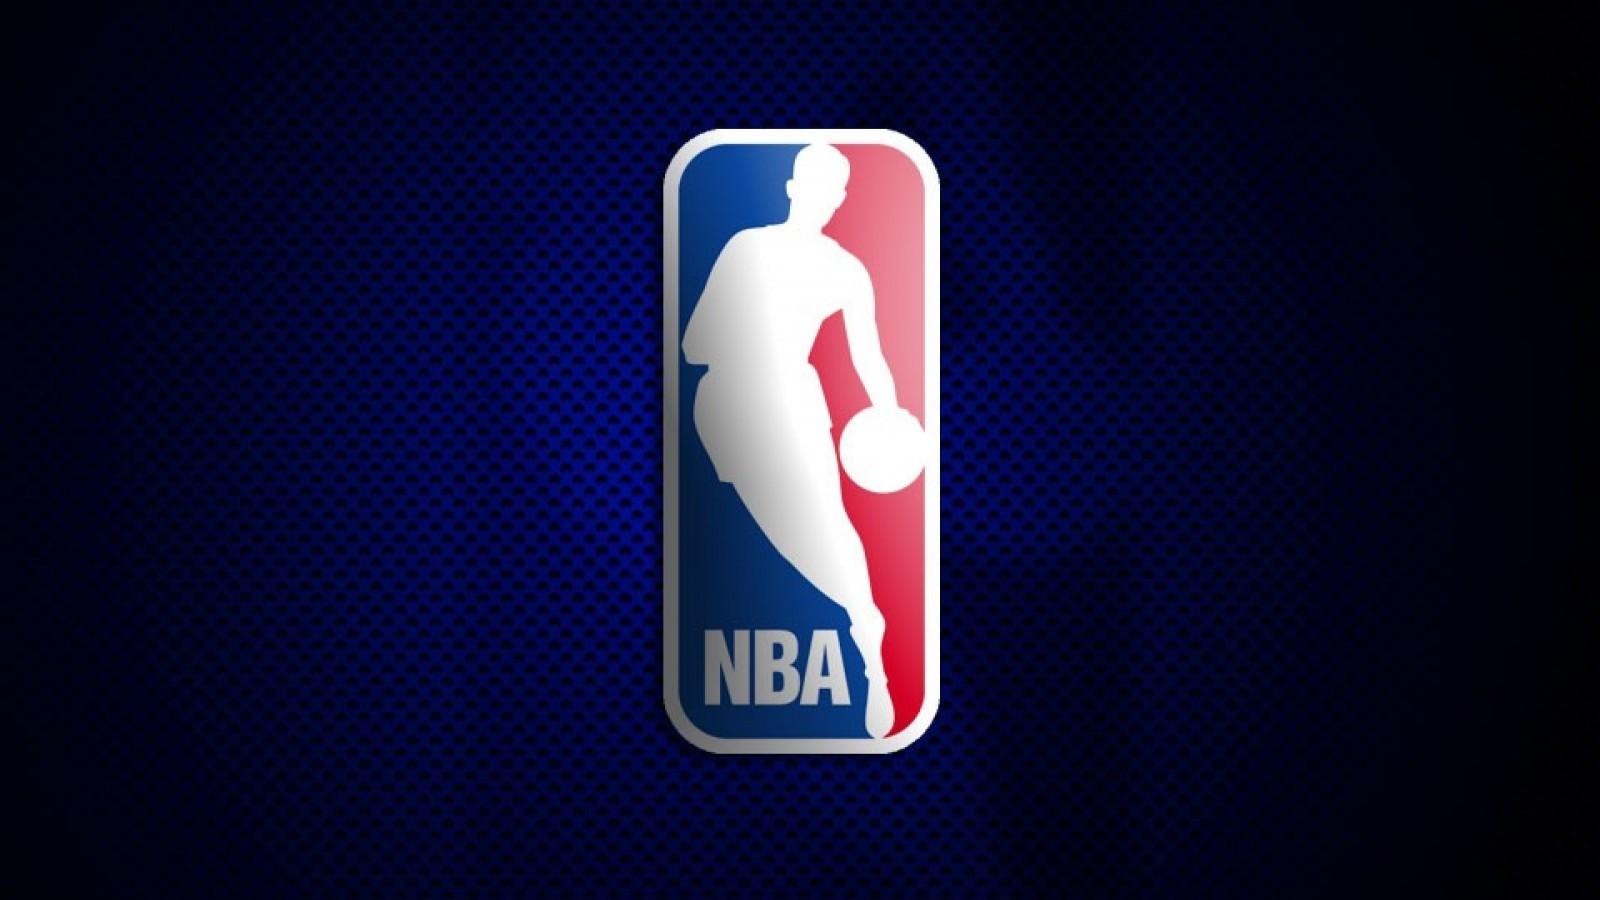 Найкращі моменти матчу фіналу НБА 6 червня